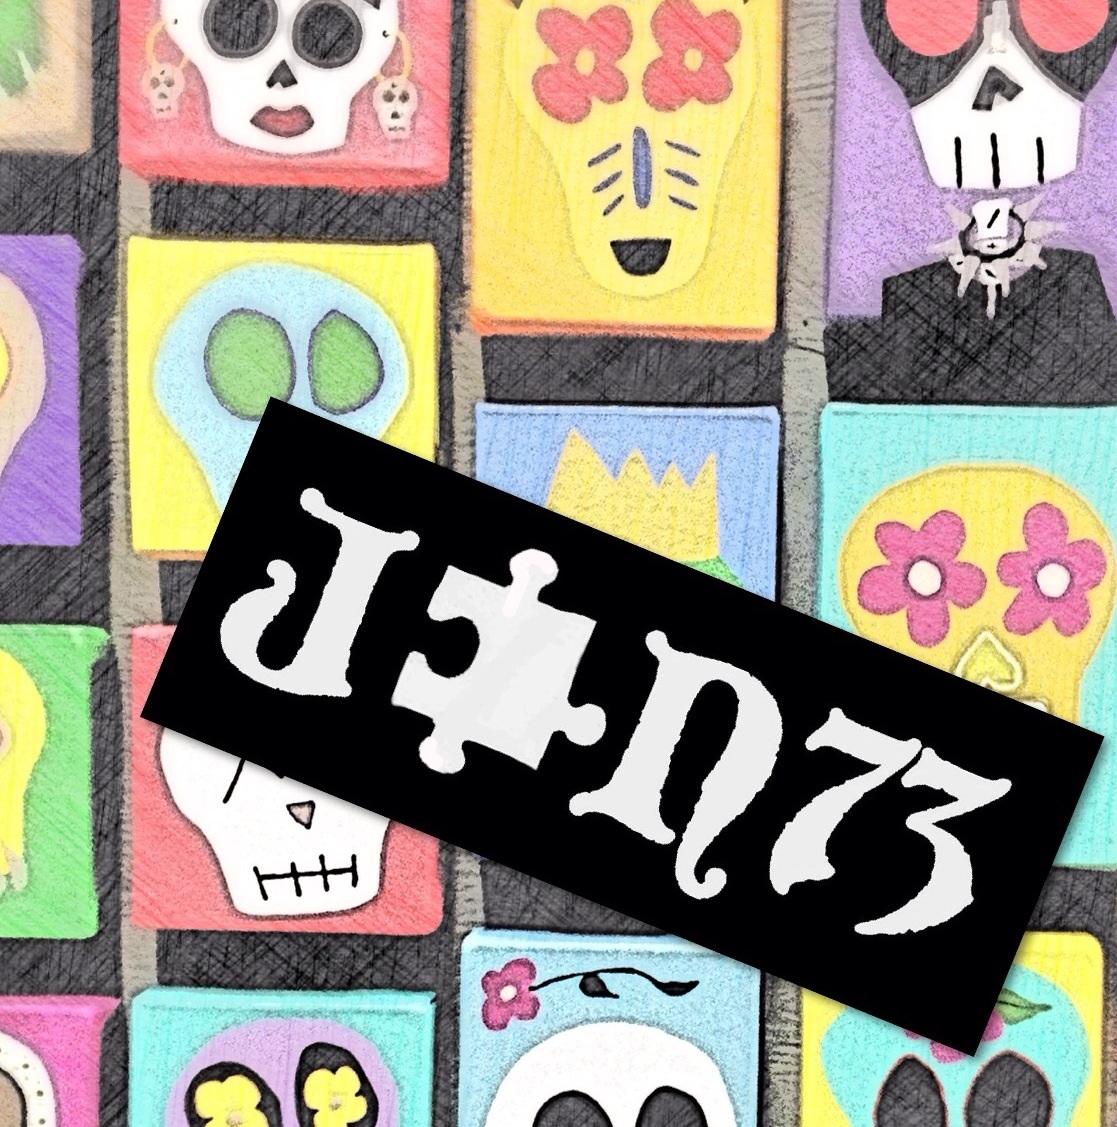 Jdn73